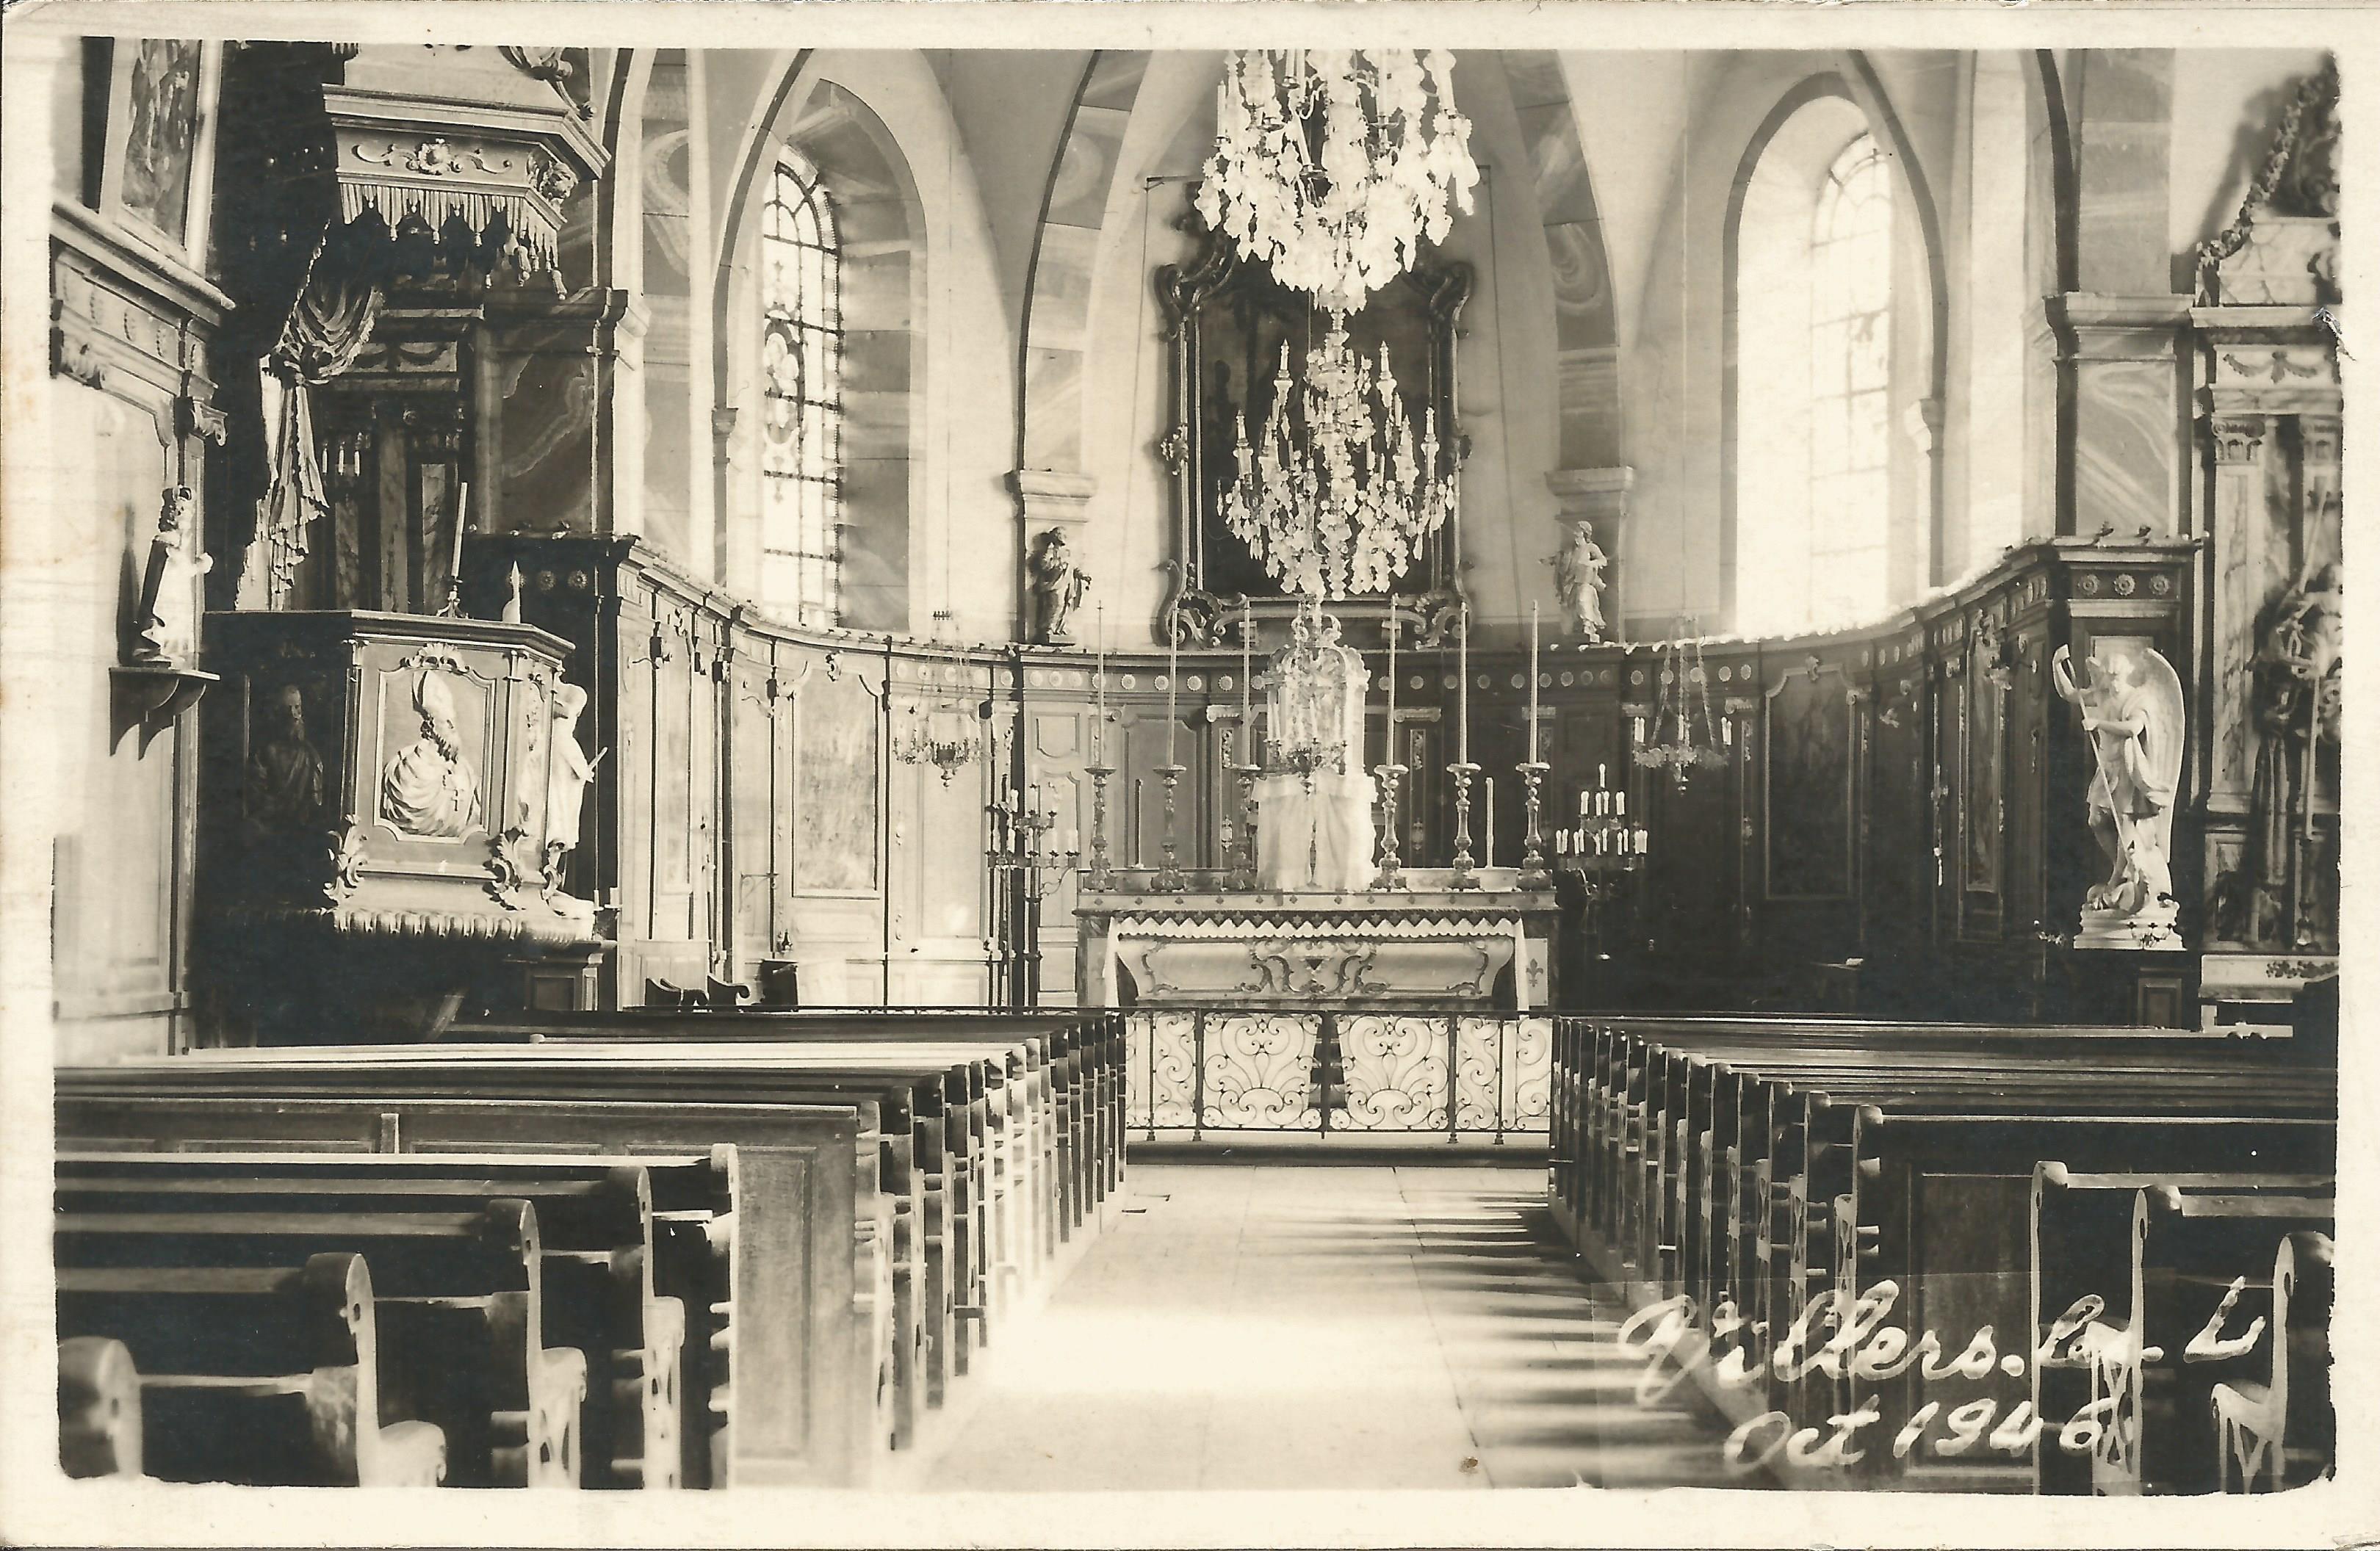 https://www.villers-les-luxeuil.com/projets/villers/files/images/Cartes_postales/EgliseInt_2015/LEglise_3.jpg